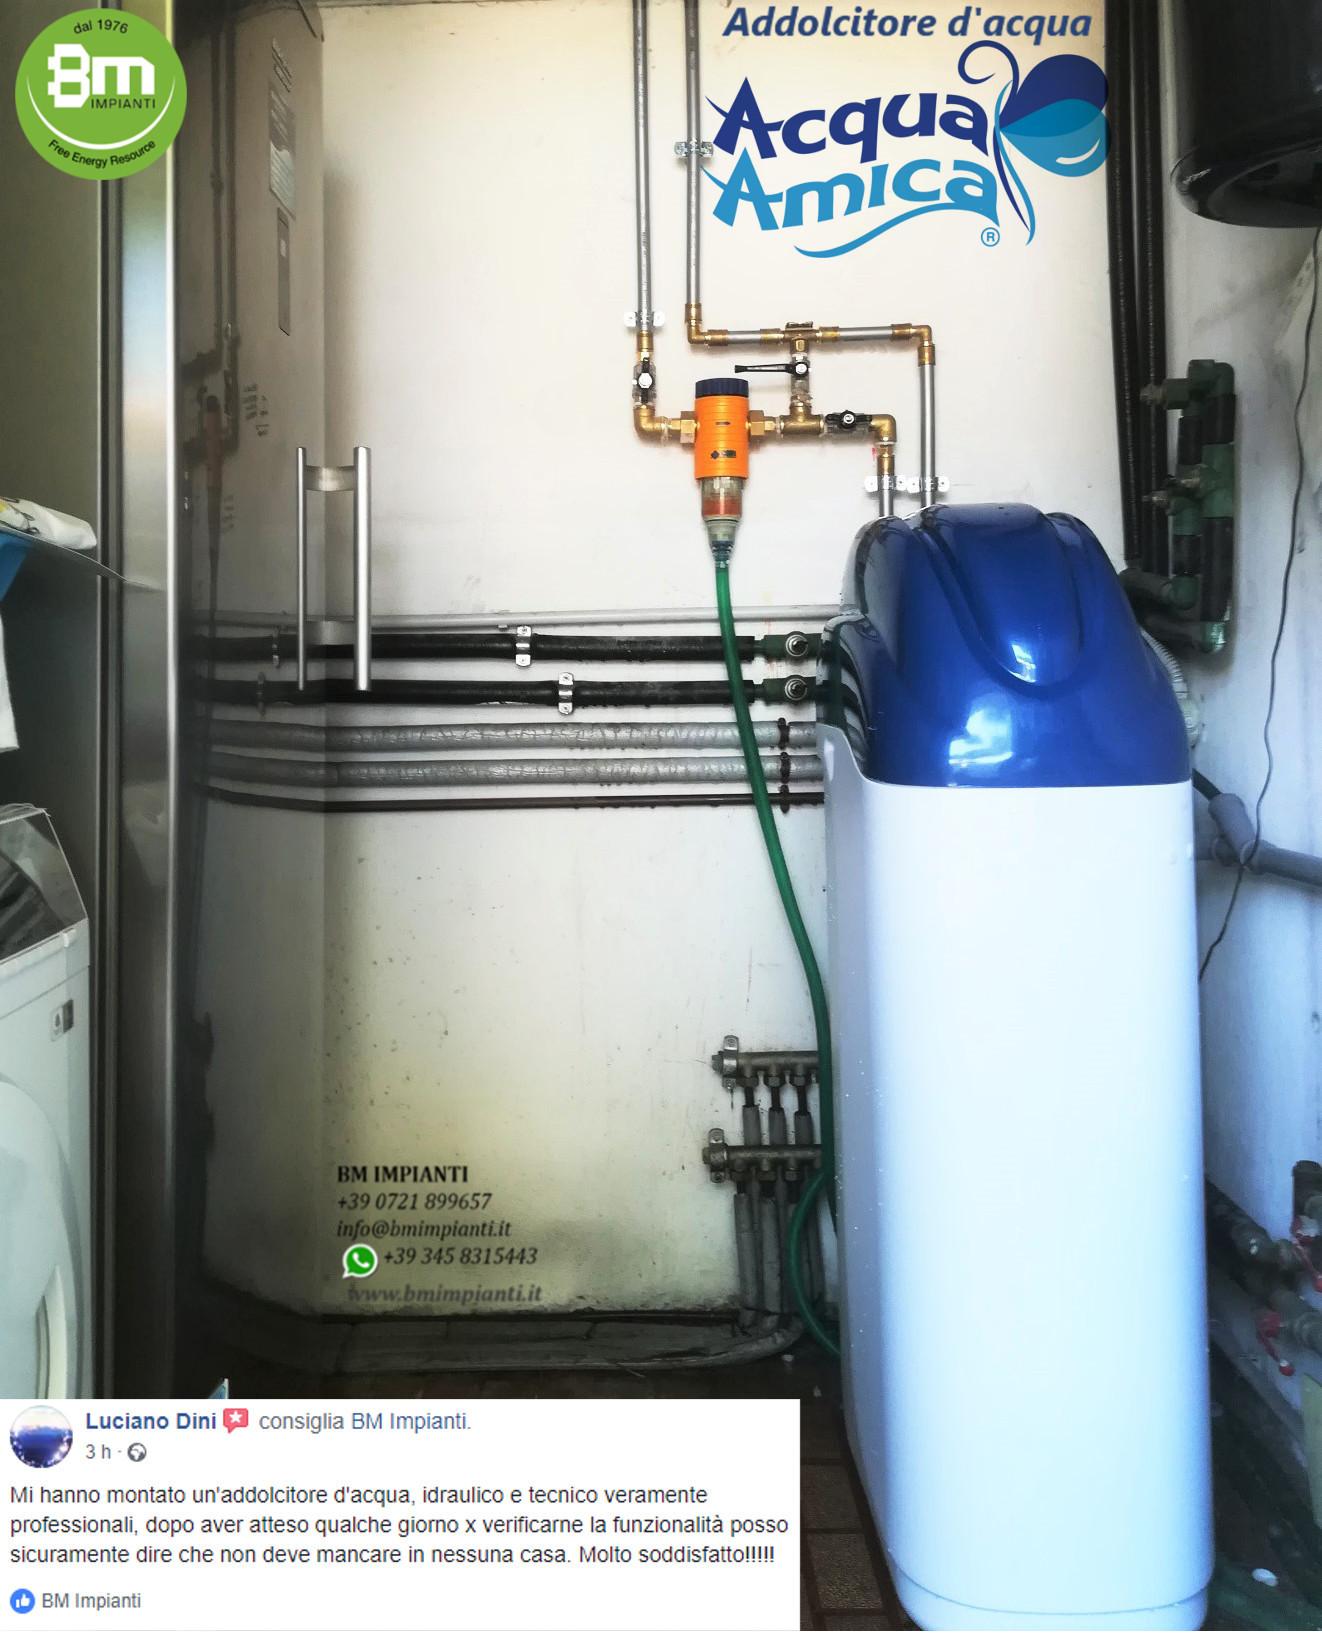 Addolcitore Acqua BM Impianti Dini  Pesaro cr